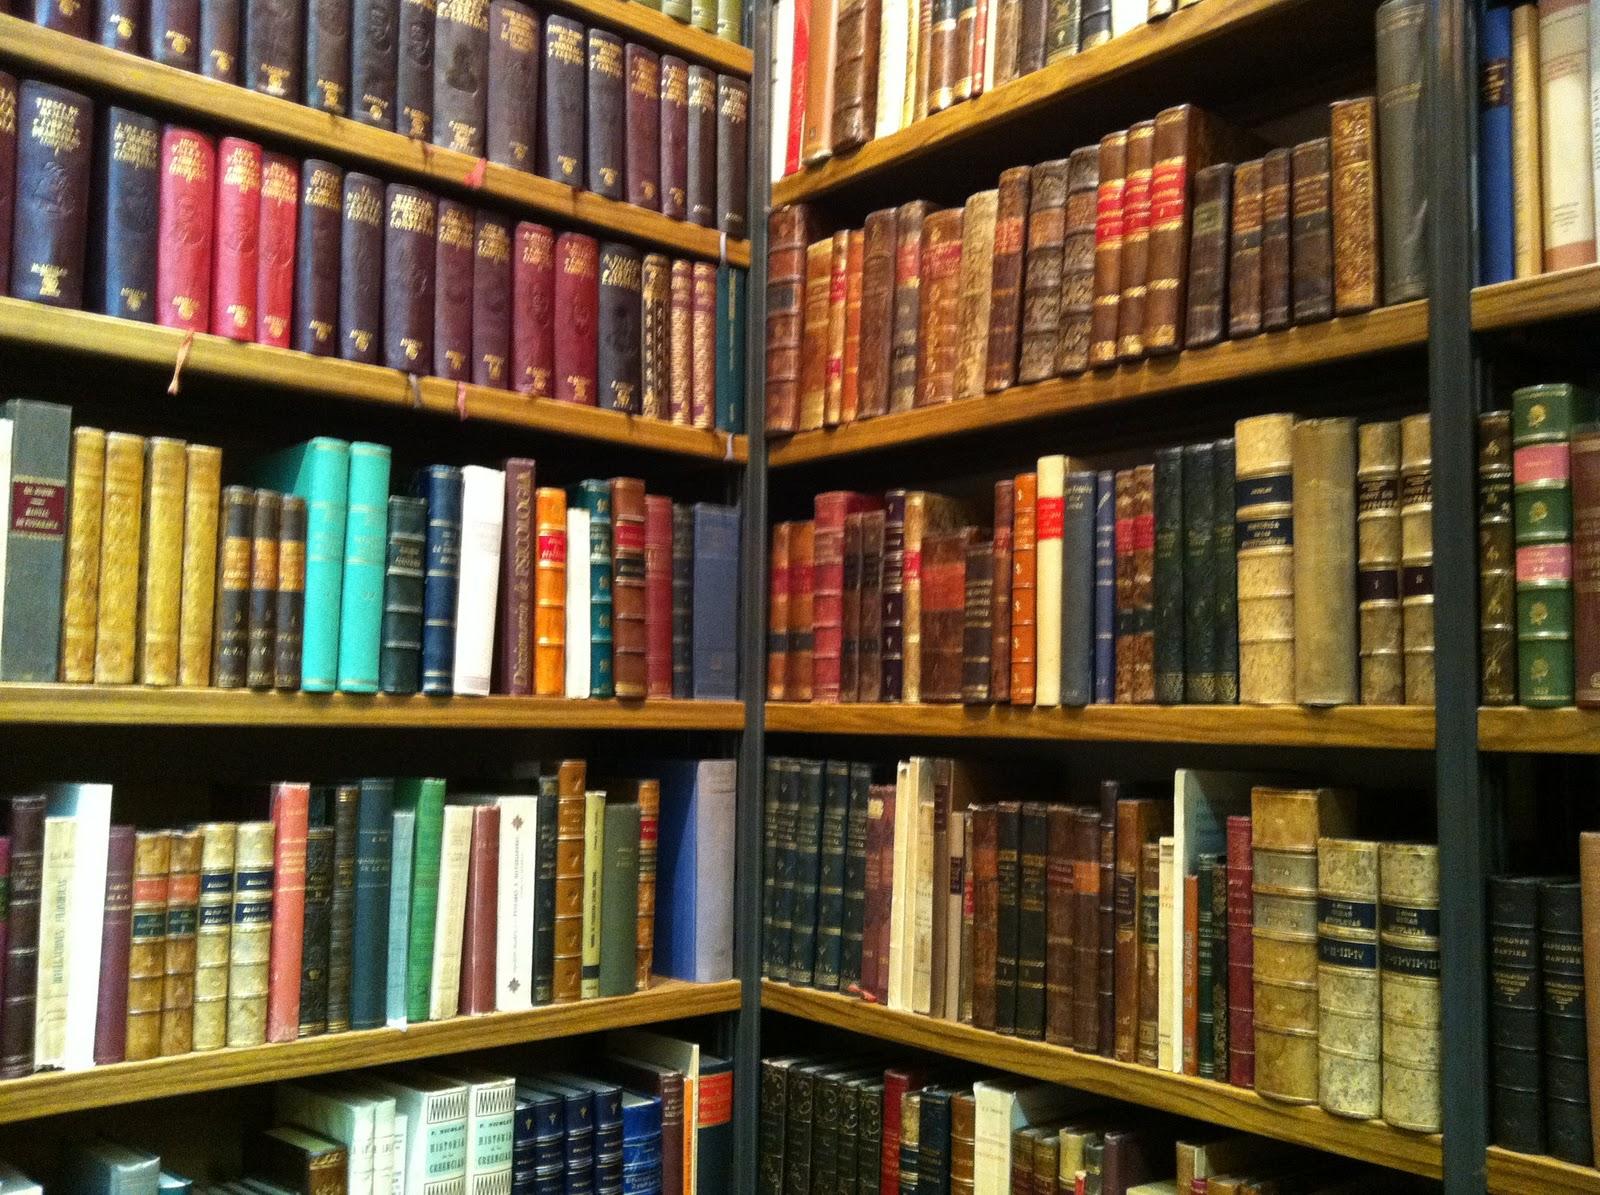 Silencio es lo dem s historias esperando - Librerias de pared ...